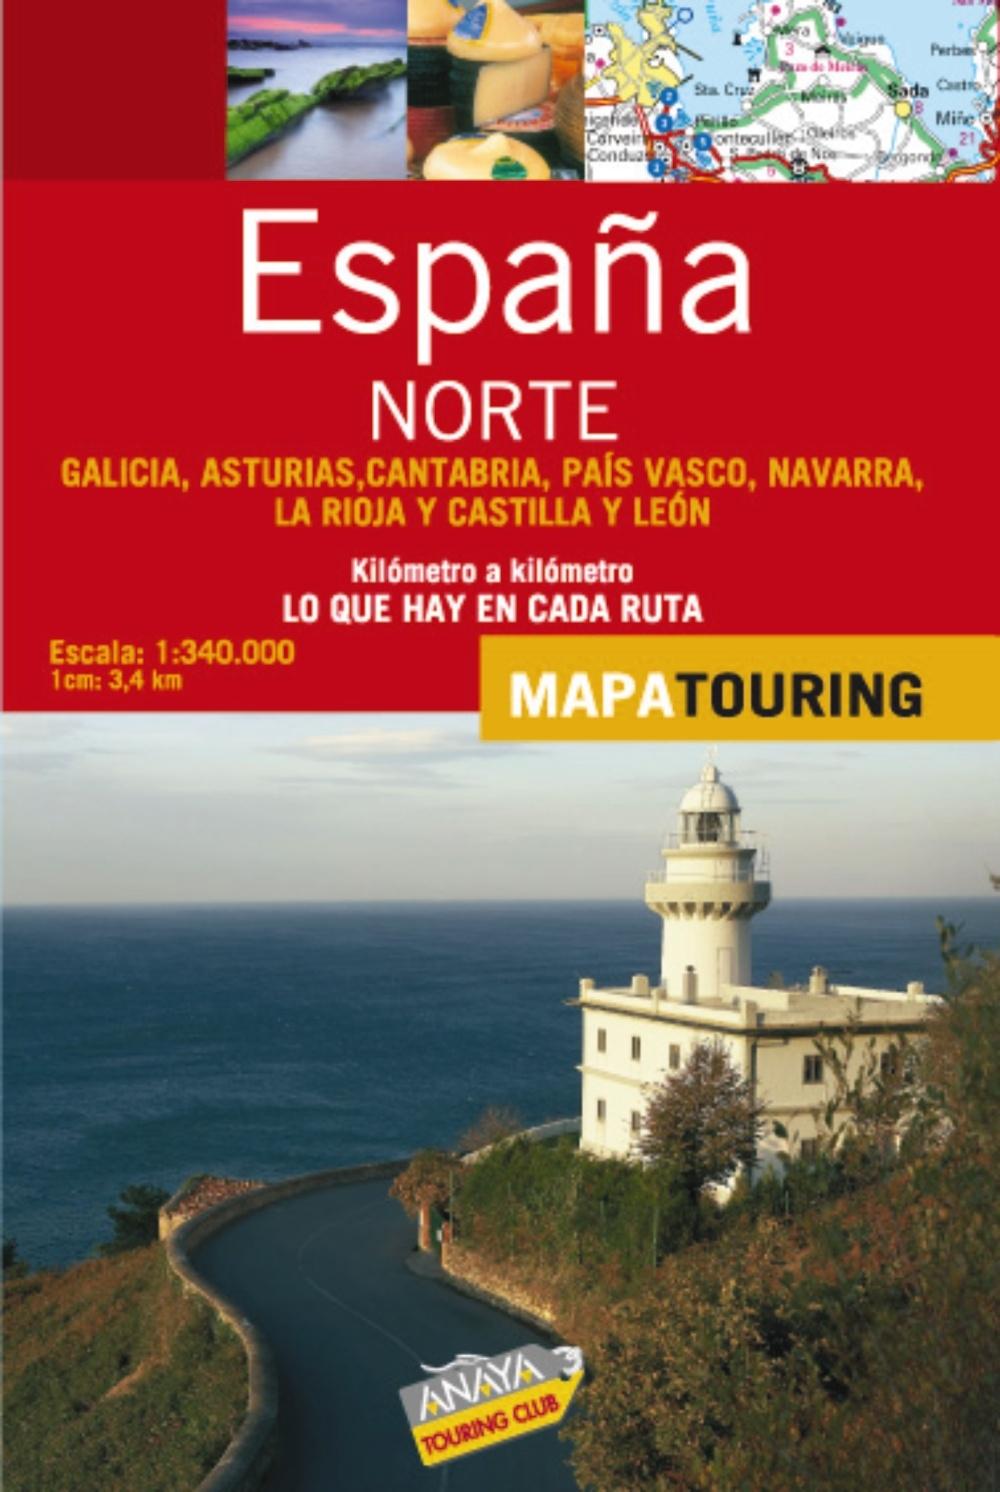 Mapa de carreteras 1:340.000 - Norte de España desplegable Mapa Touring: Amazon.es: Anaya Touring: Libros